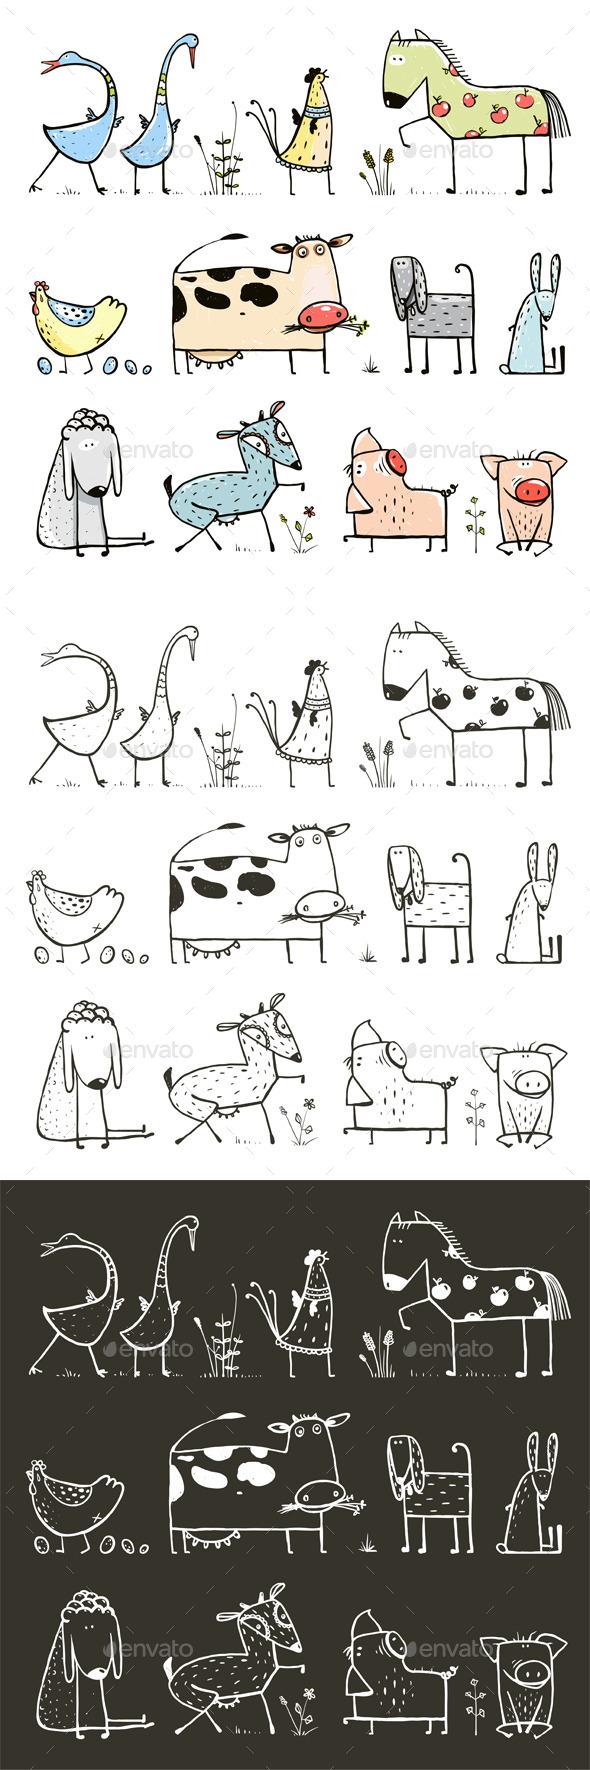 GraphicRiver Cartoon Farm Domestic Animals Collection 11439570